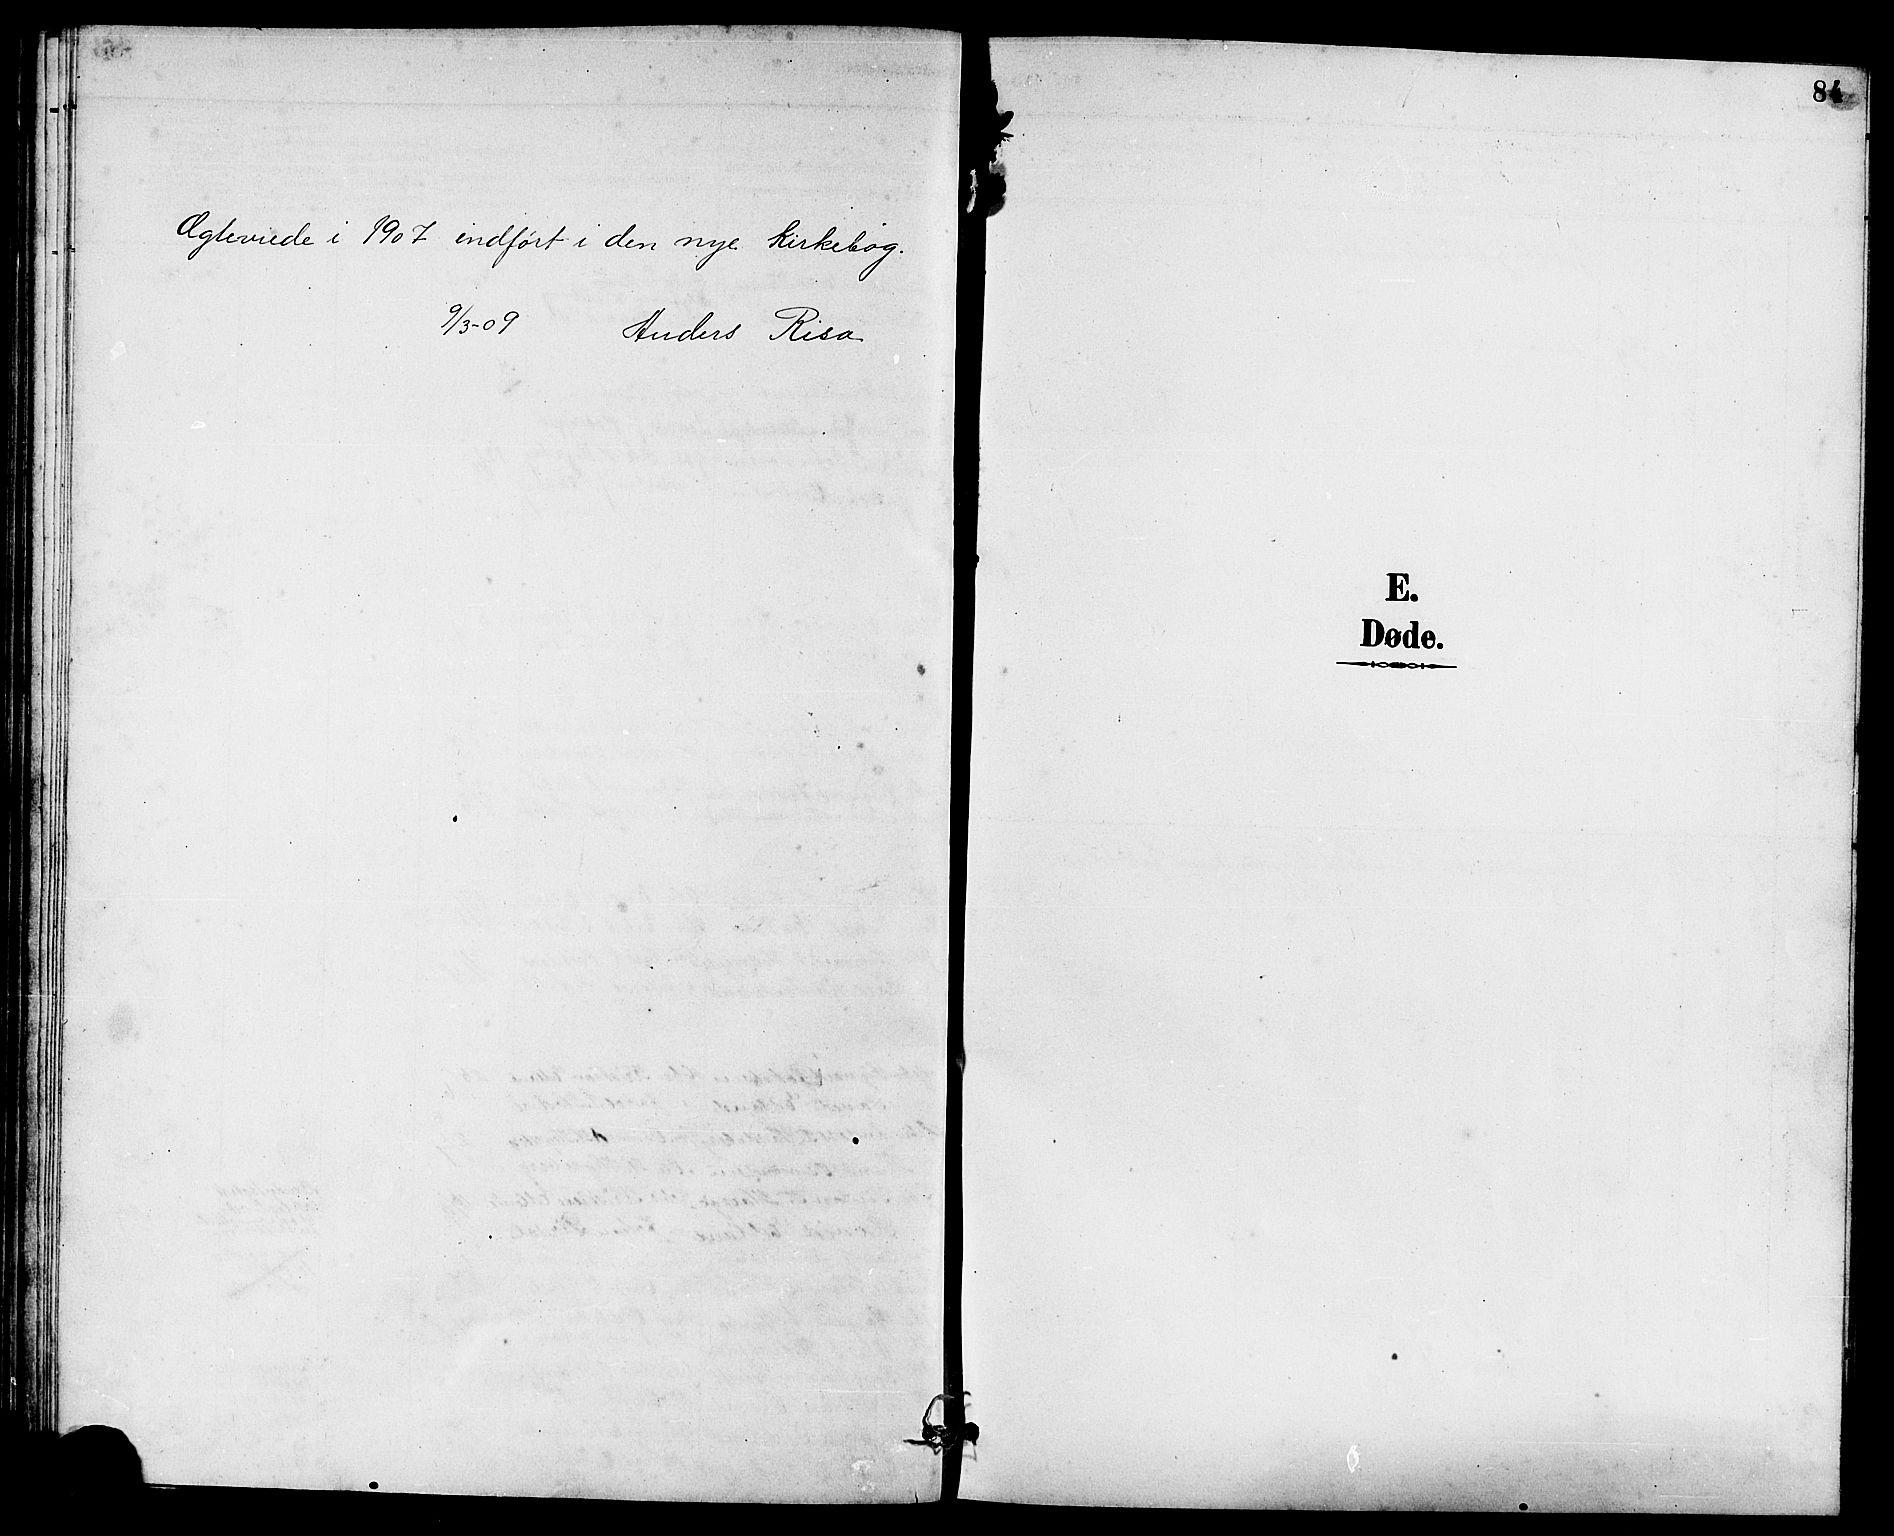 SAST, Rennesøy sokneprestkontor, H/Ha/Hab/L0011: Klokkerbok nr. B 10, 1891-1908, s. 84